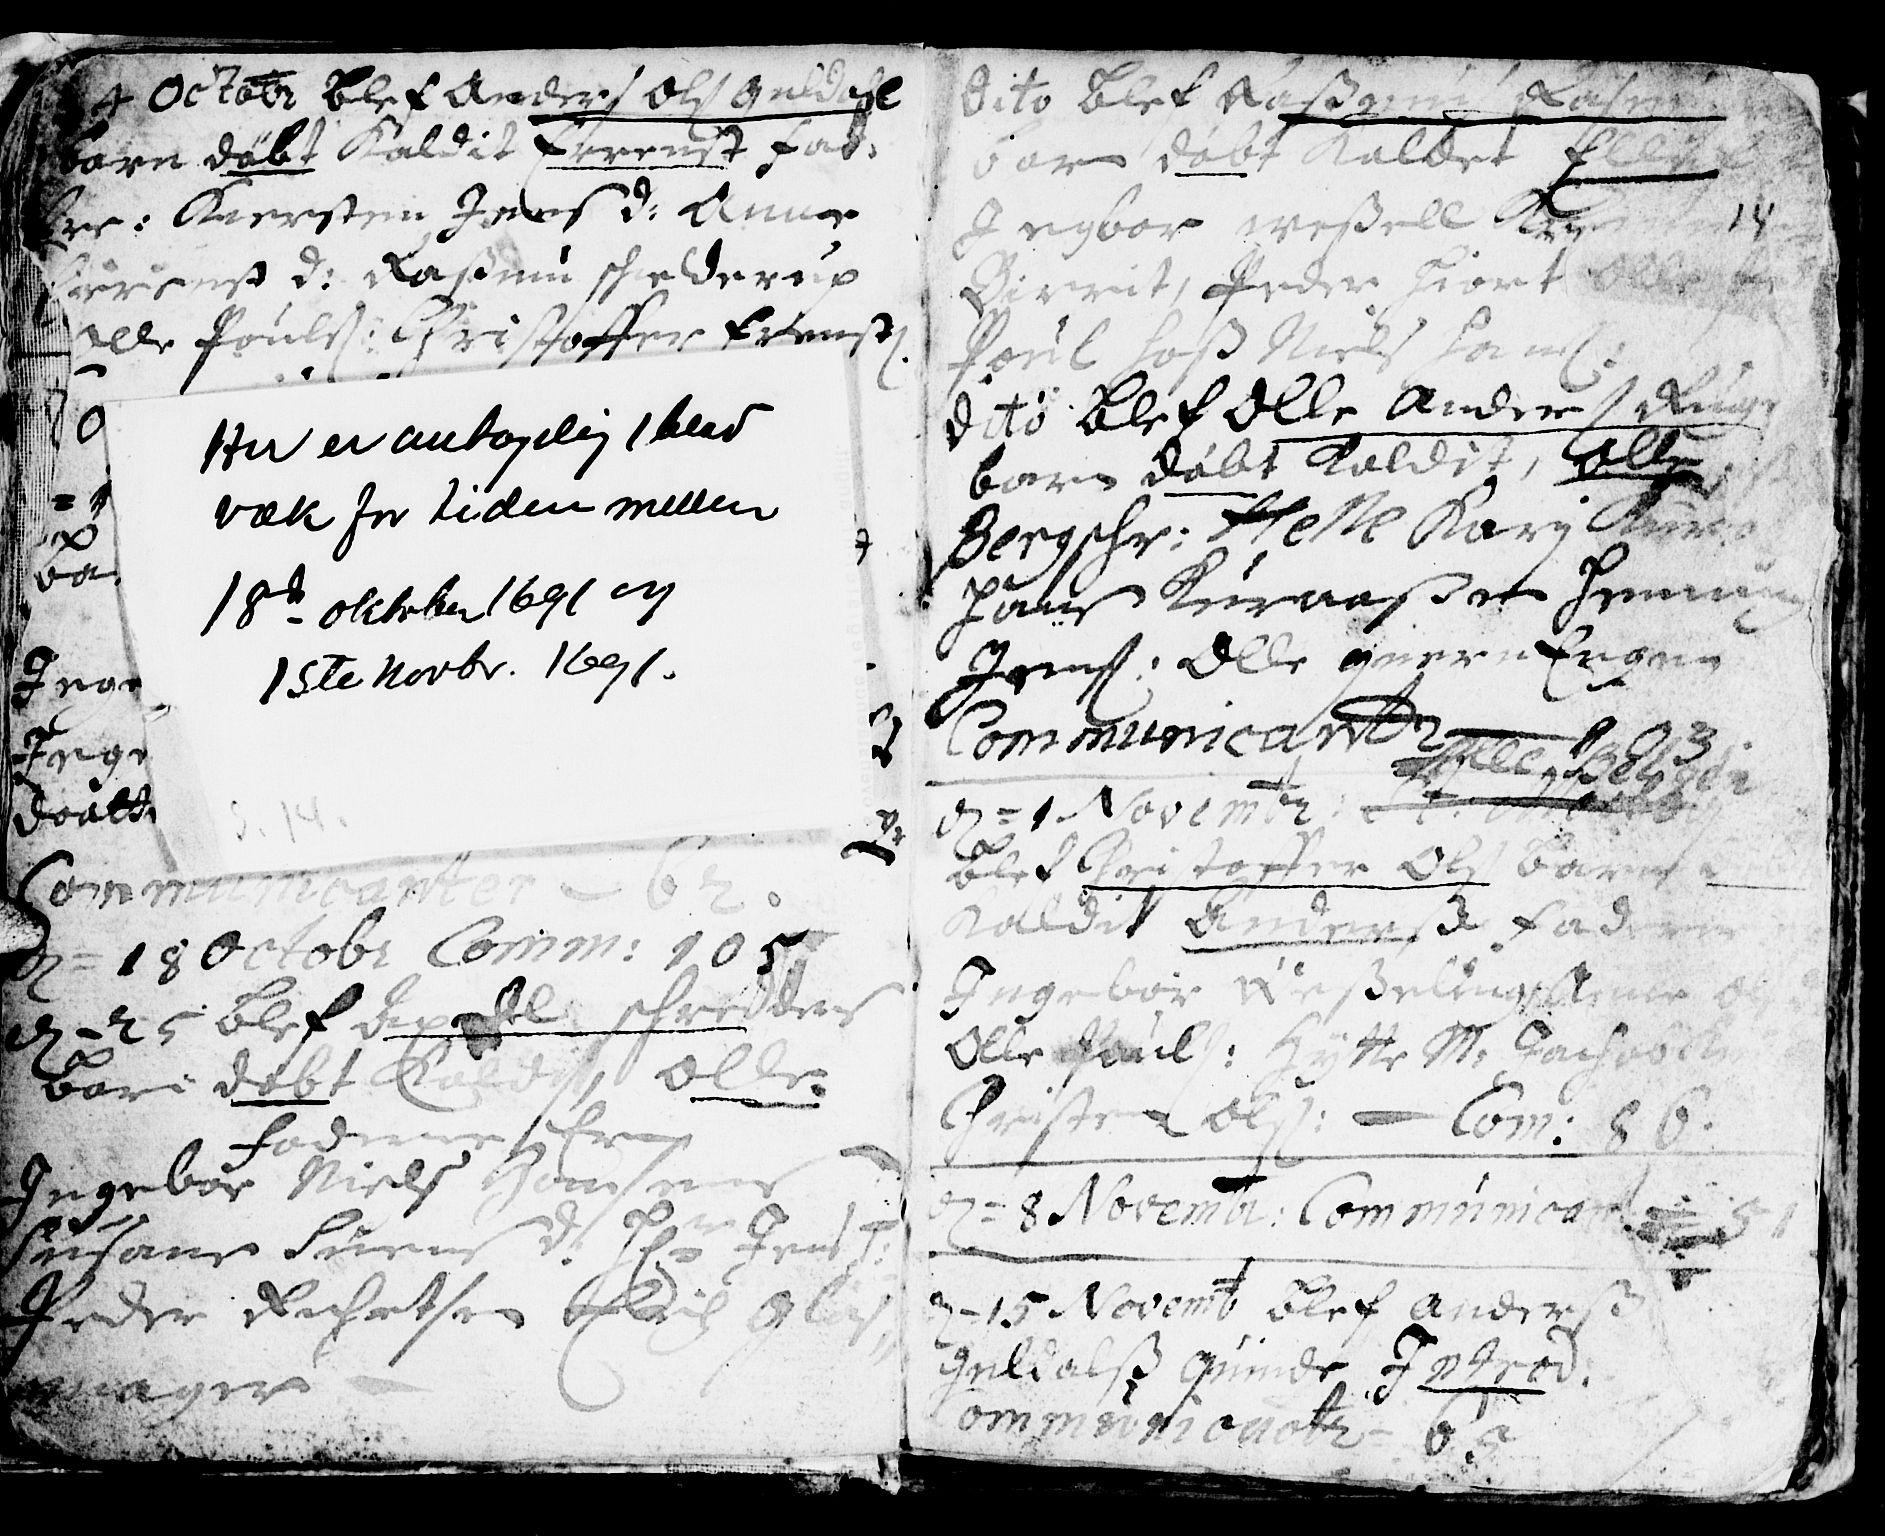 SAT, Ministerialprotokoller, klokkerbøker og fødselsregistre - Sør-Trøndelag, 681/L0923: Ministerialbok nr. 681A01, 1691-1700, s. 14